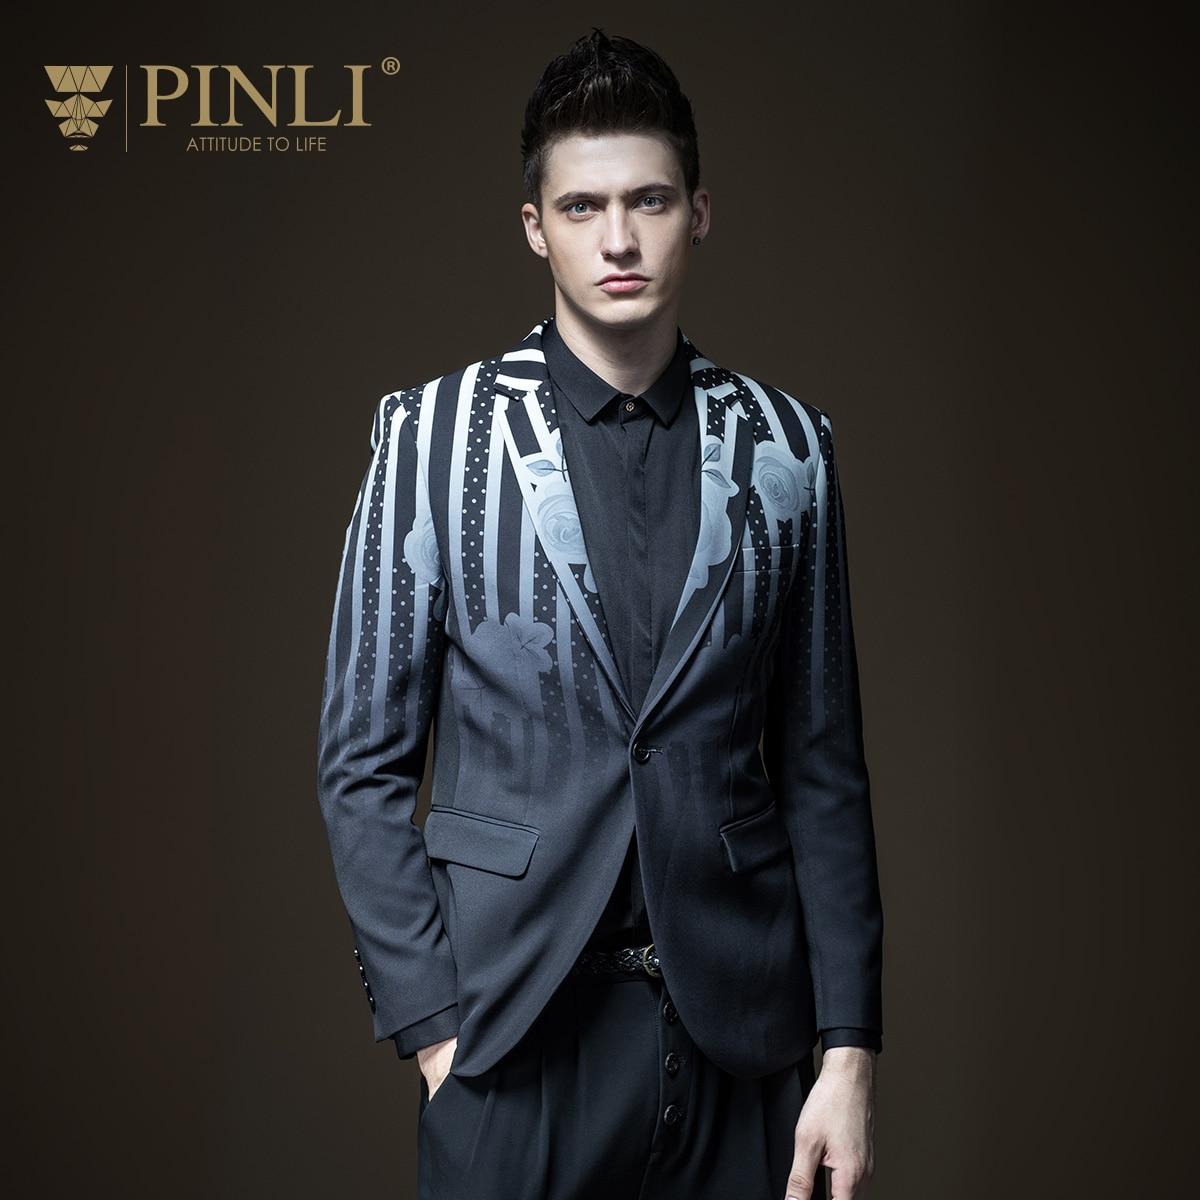 Costume Homme Pinli Prodotto Impostare La Stampa Affari E vestito di Svago degli uomini Cappotto Di Coltiva La Sua Moralità B173306167 Moda Autunno